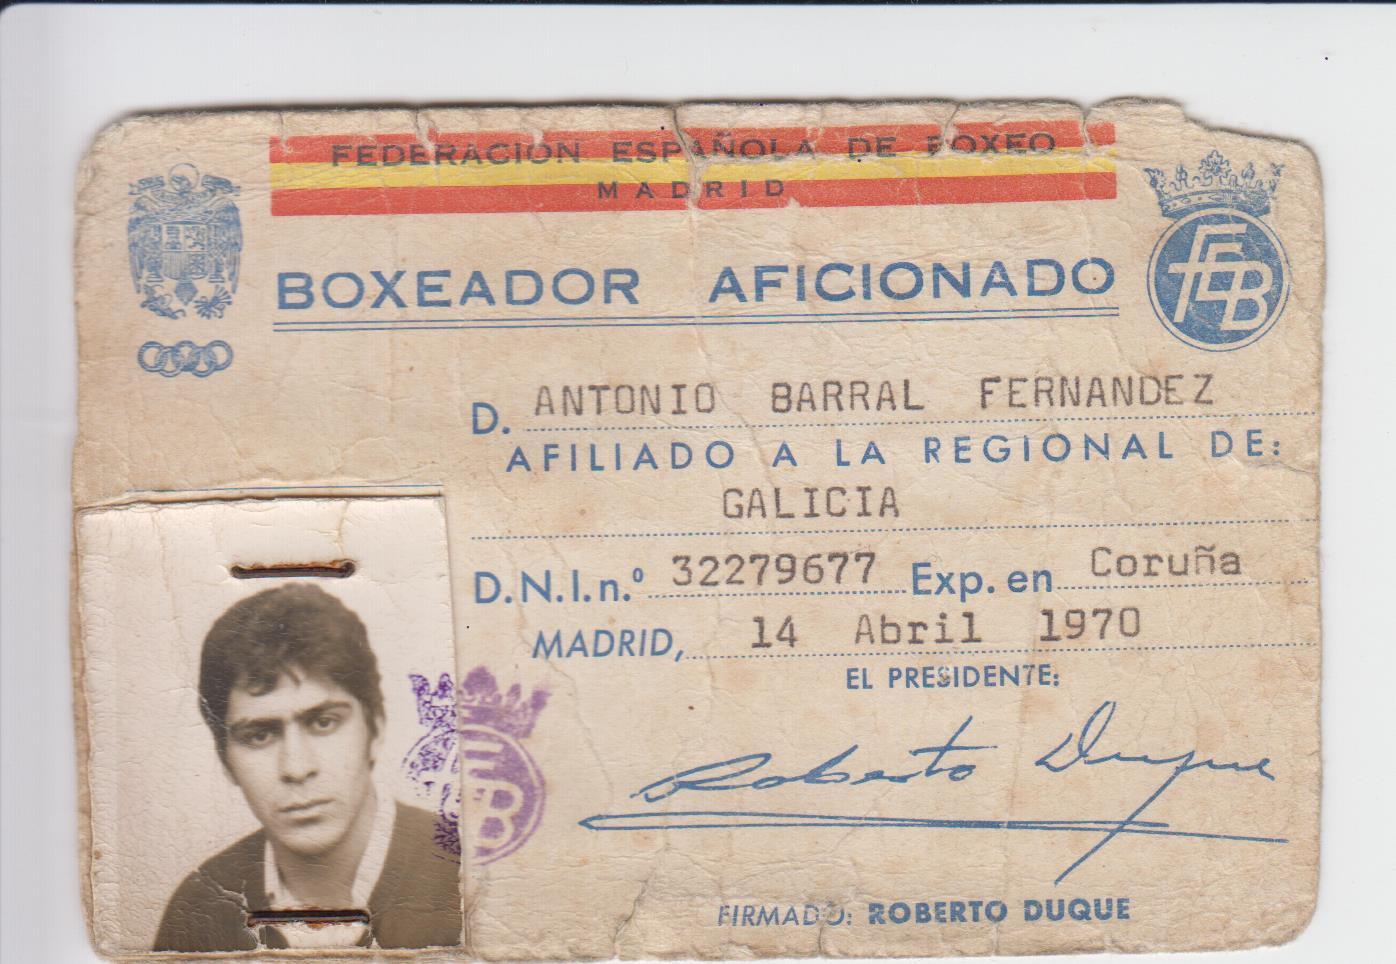 Fotocopia de licencia de comienzos del setenta. Esta en concreto corresponde al editor de boxeodemedianoche.com.